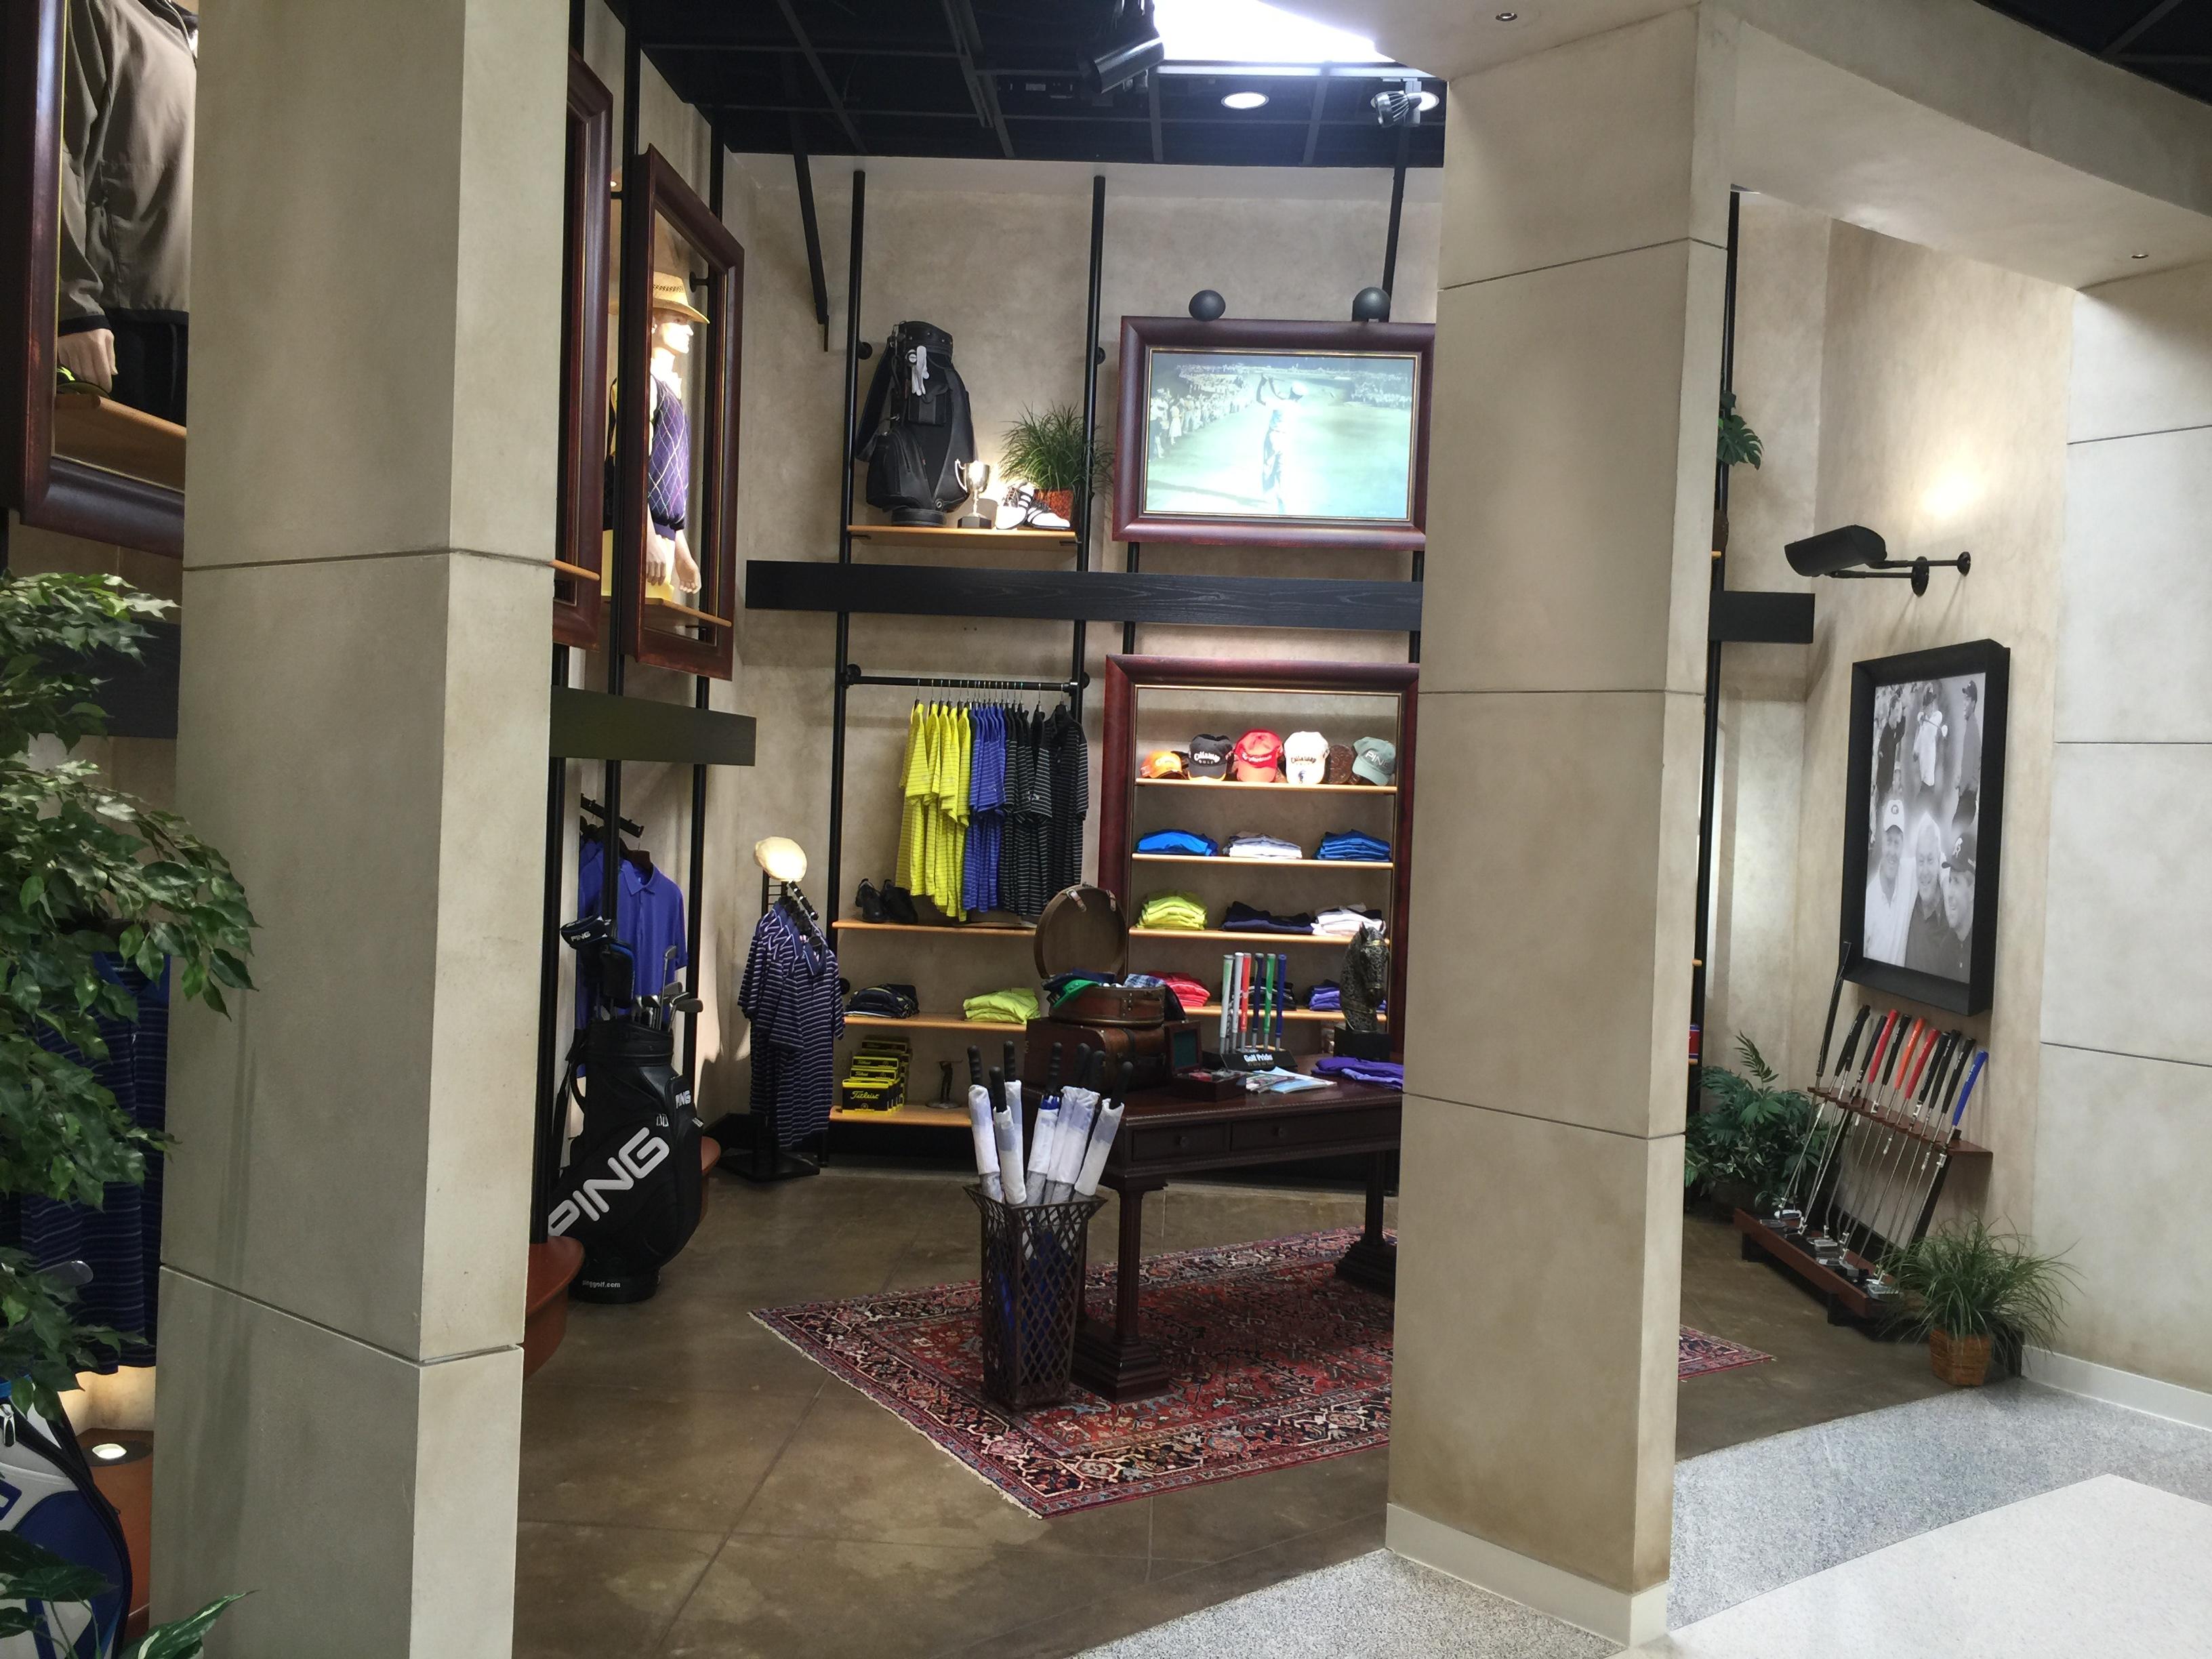 colorado springs retail spaces